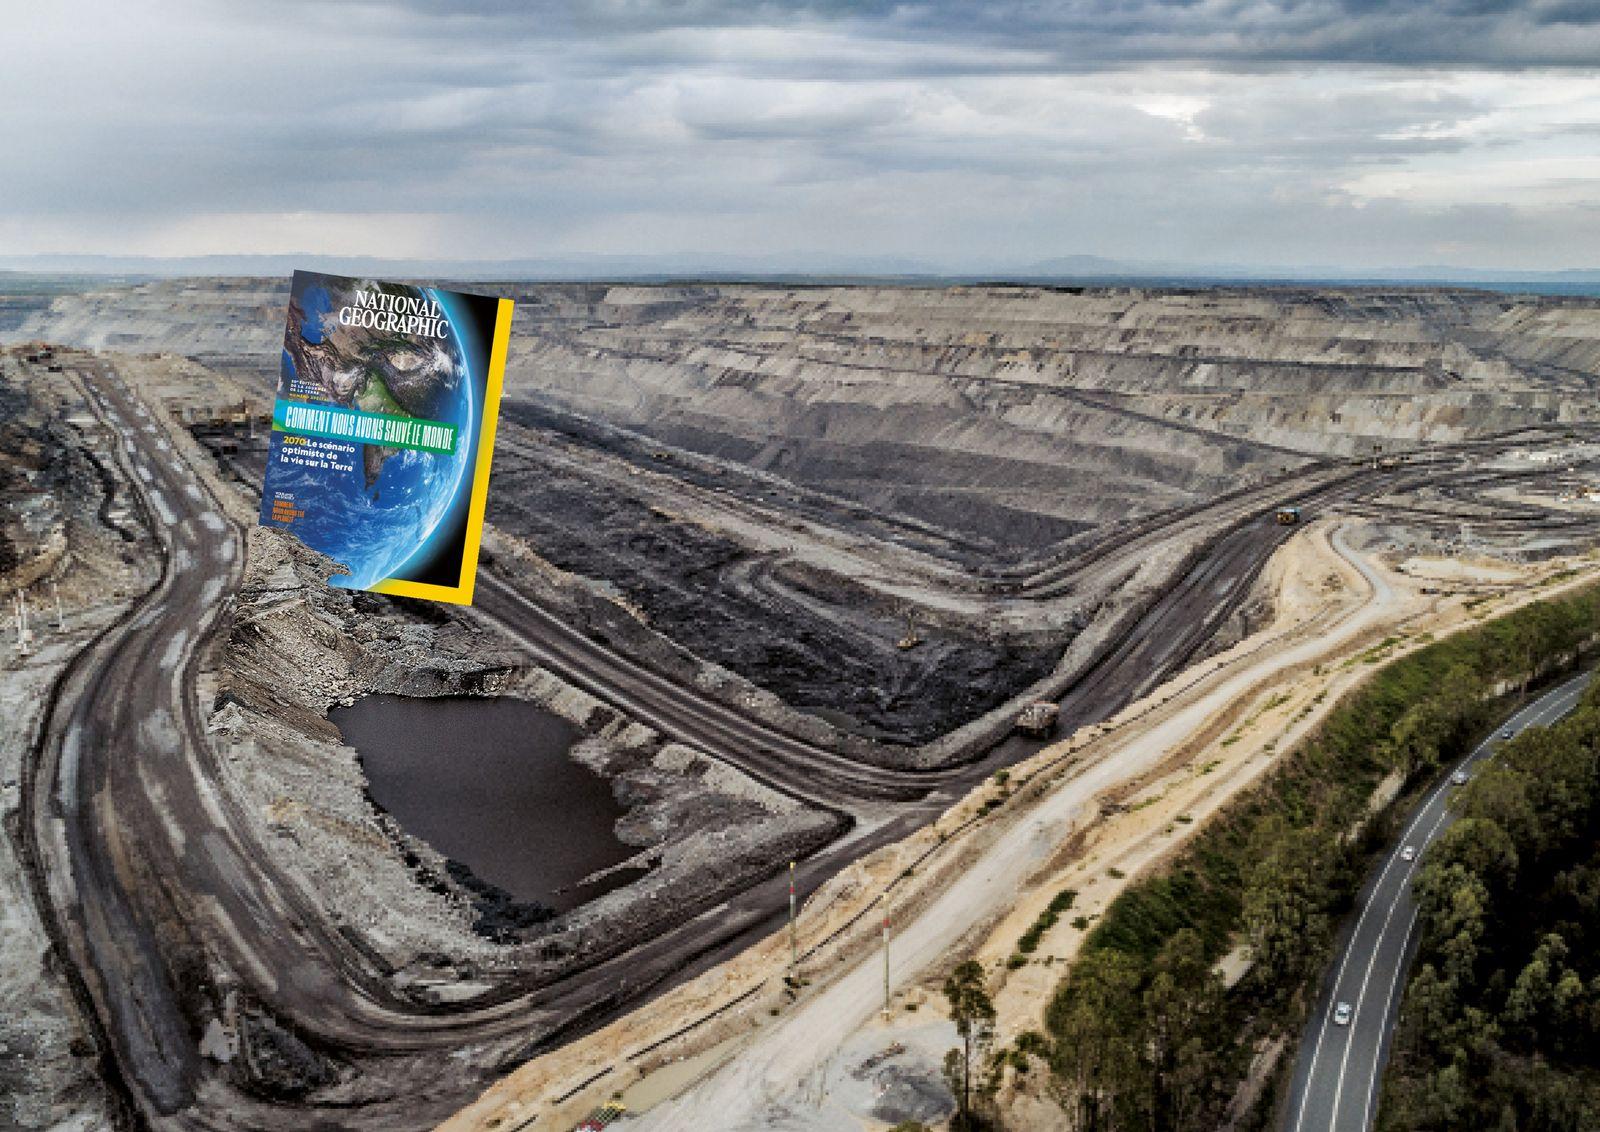 Sommaire du magazine National Geographic d'avril 2020 : Comment nous avons sauvé (ou tué) la planète